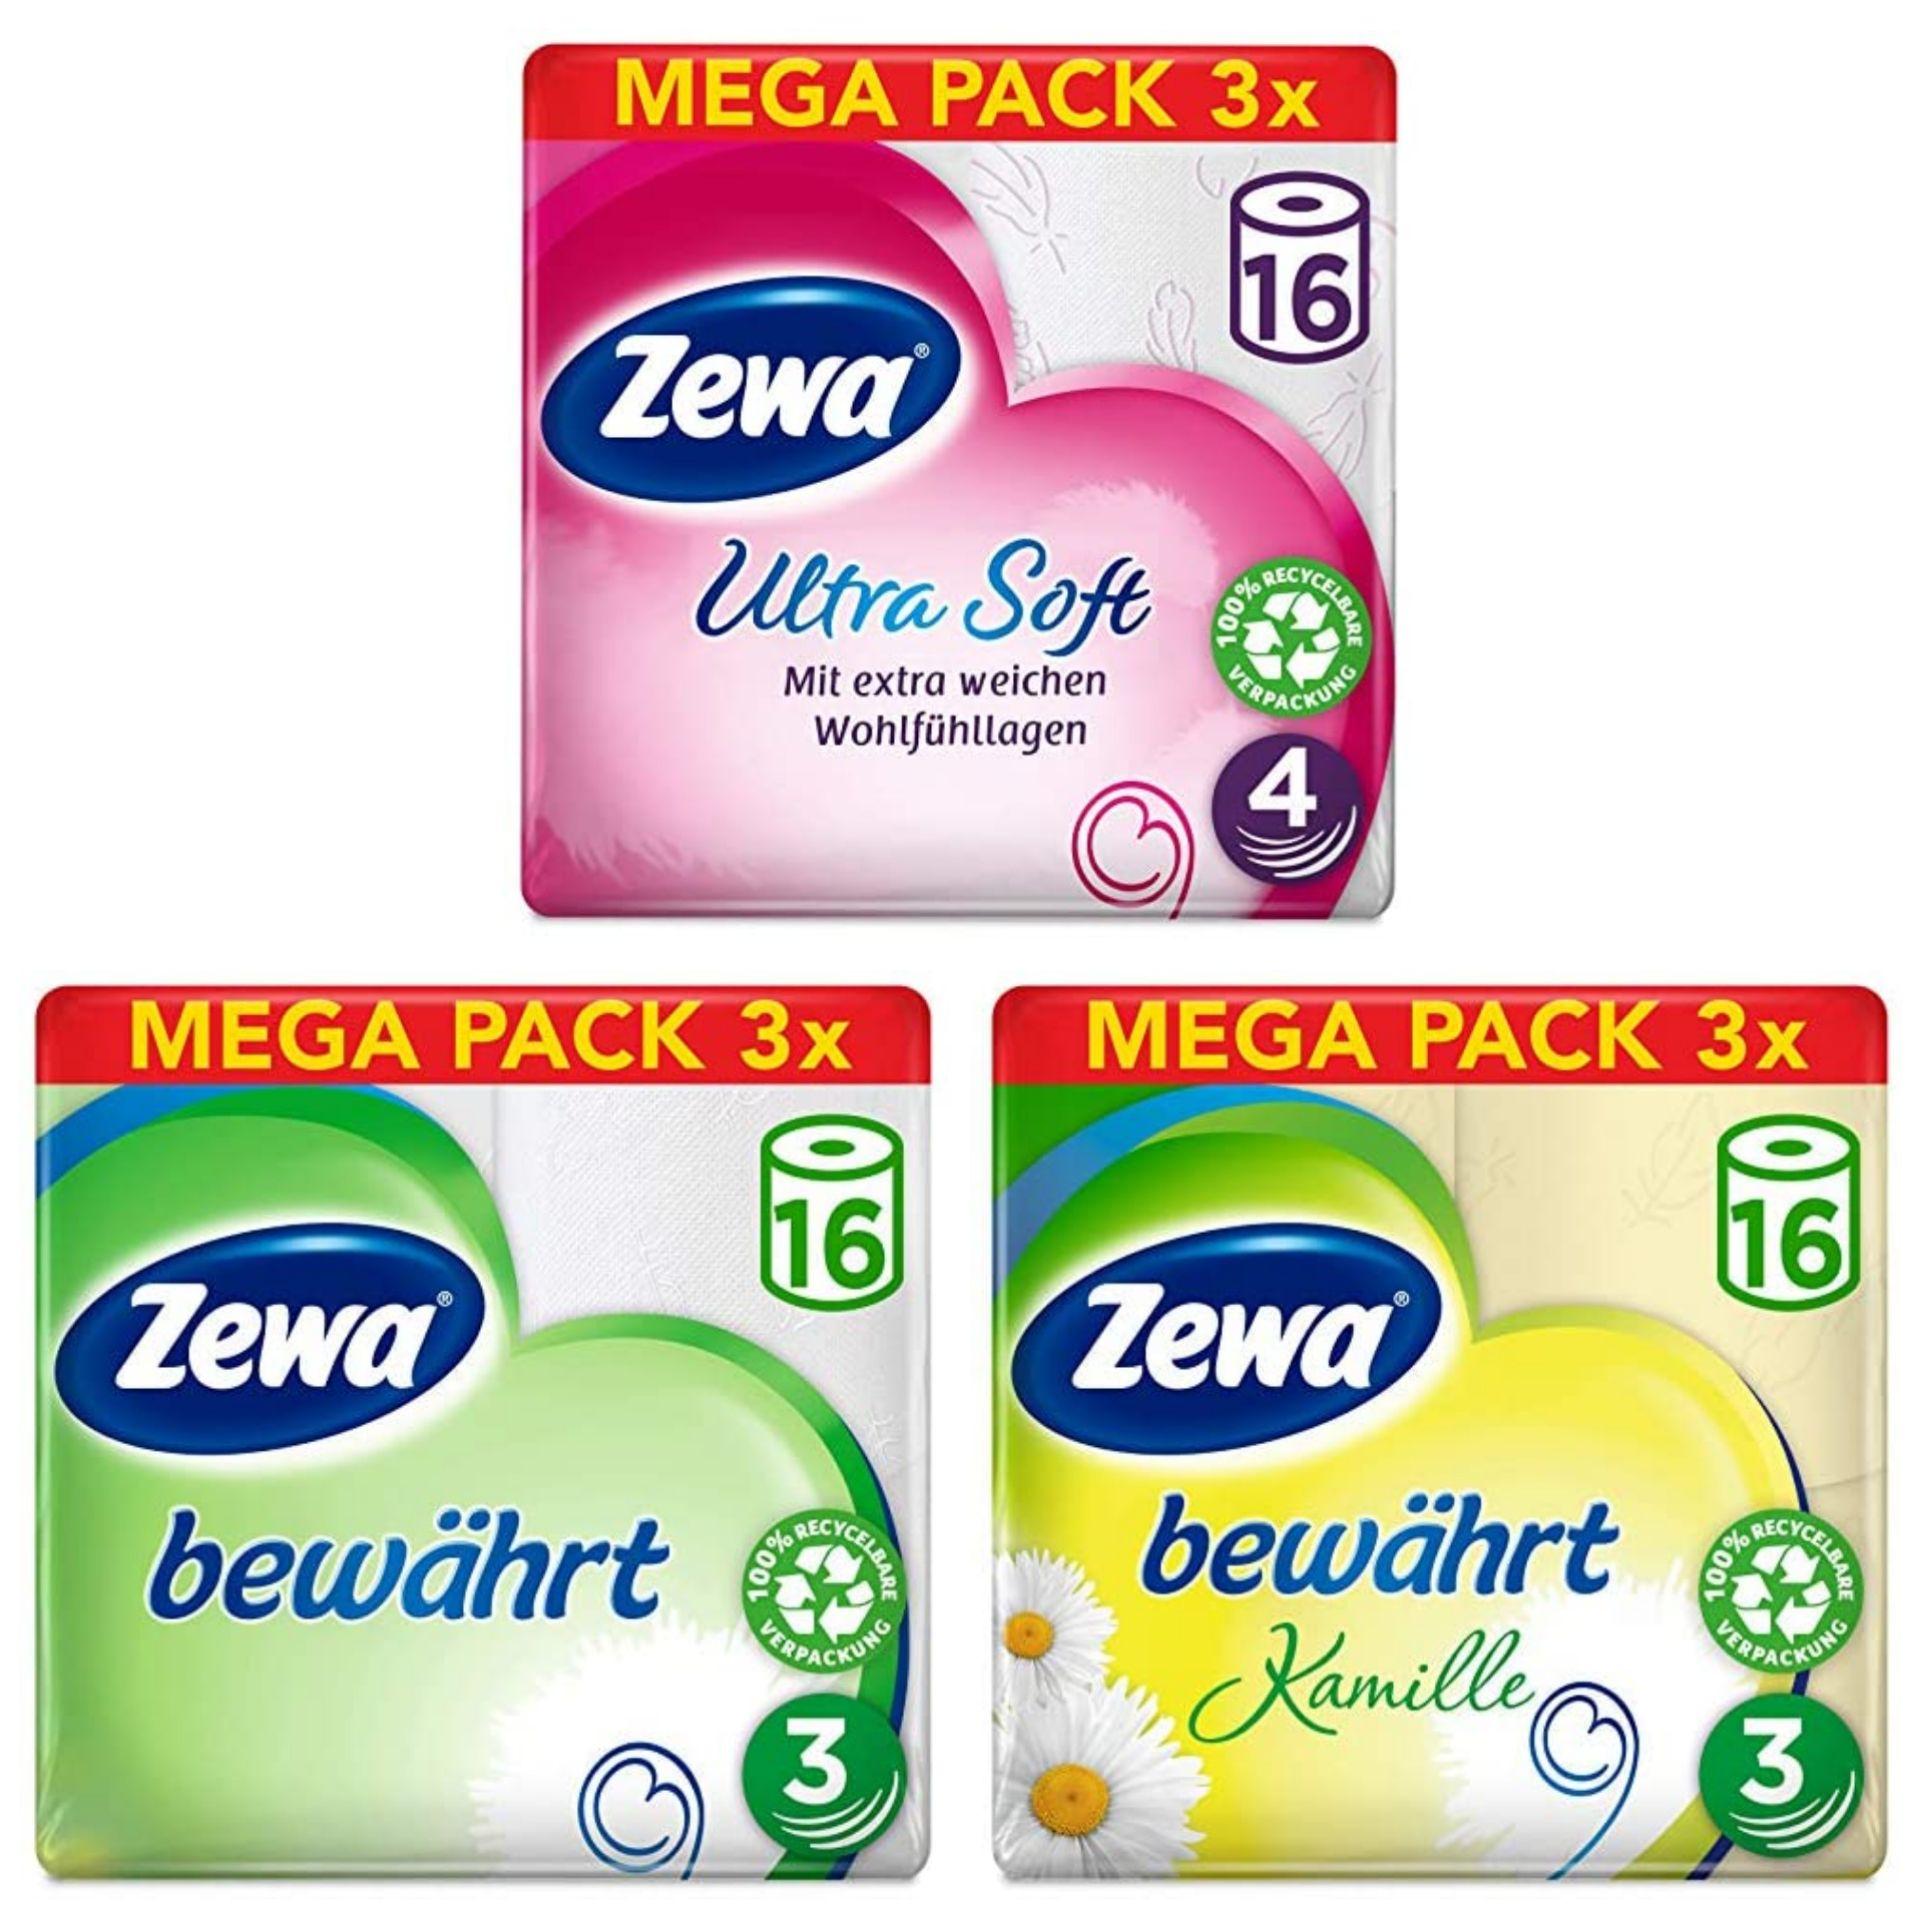 Zewa Toilettenpapier verschiedene, z.B 3-lagig für 9,43€, 4-lagig für 12,18€ 48 Rollen, 3 x 16 Stück à 150 Blatt - Prime*Sparabo*